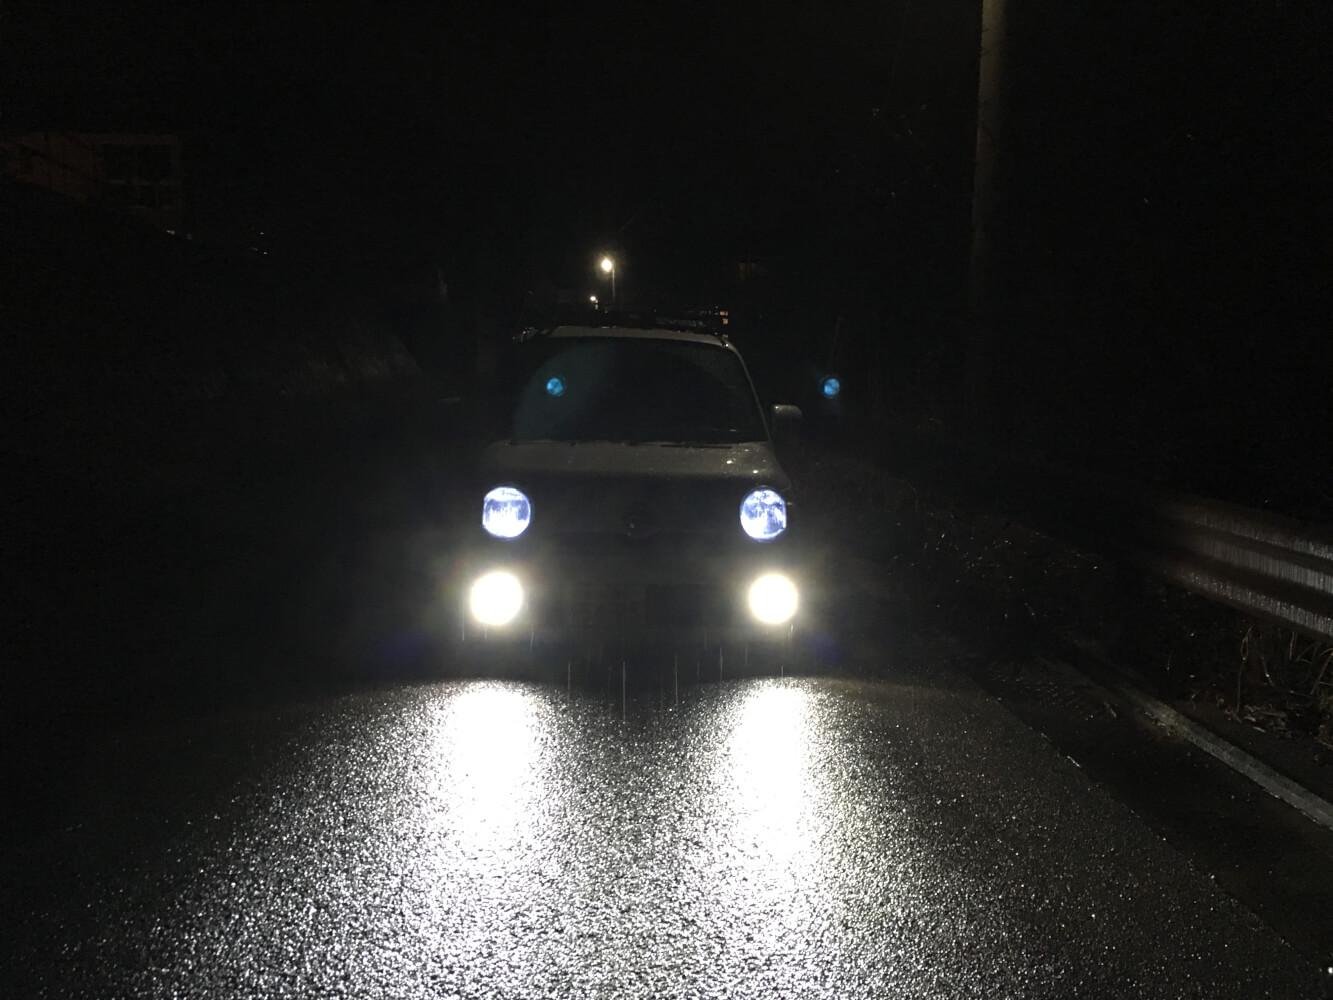 LEDバルブ ホワイト色の点灯